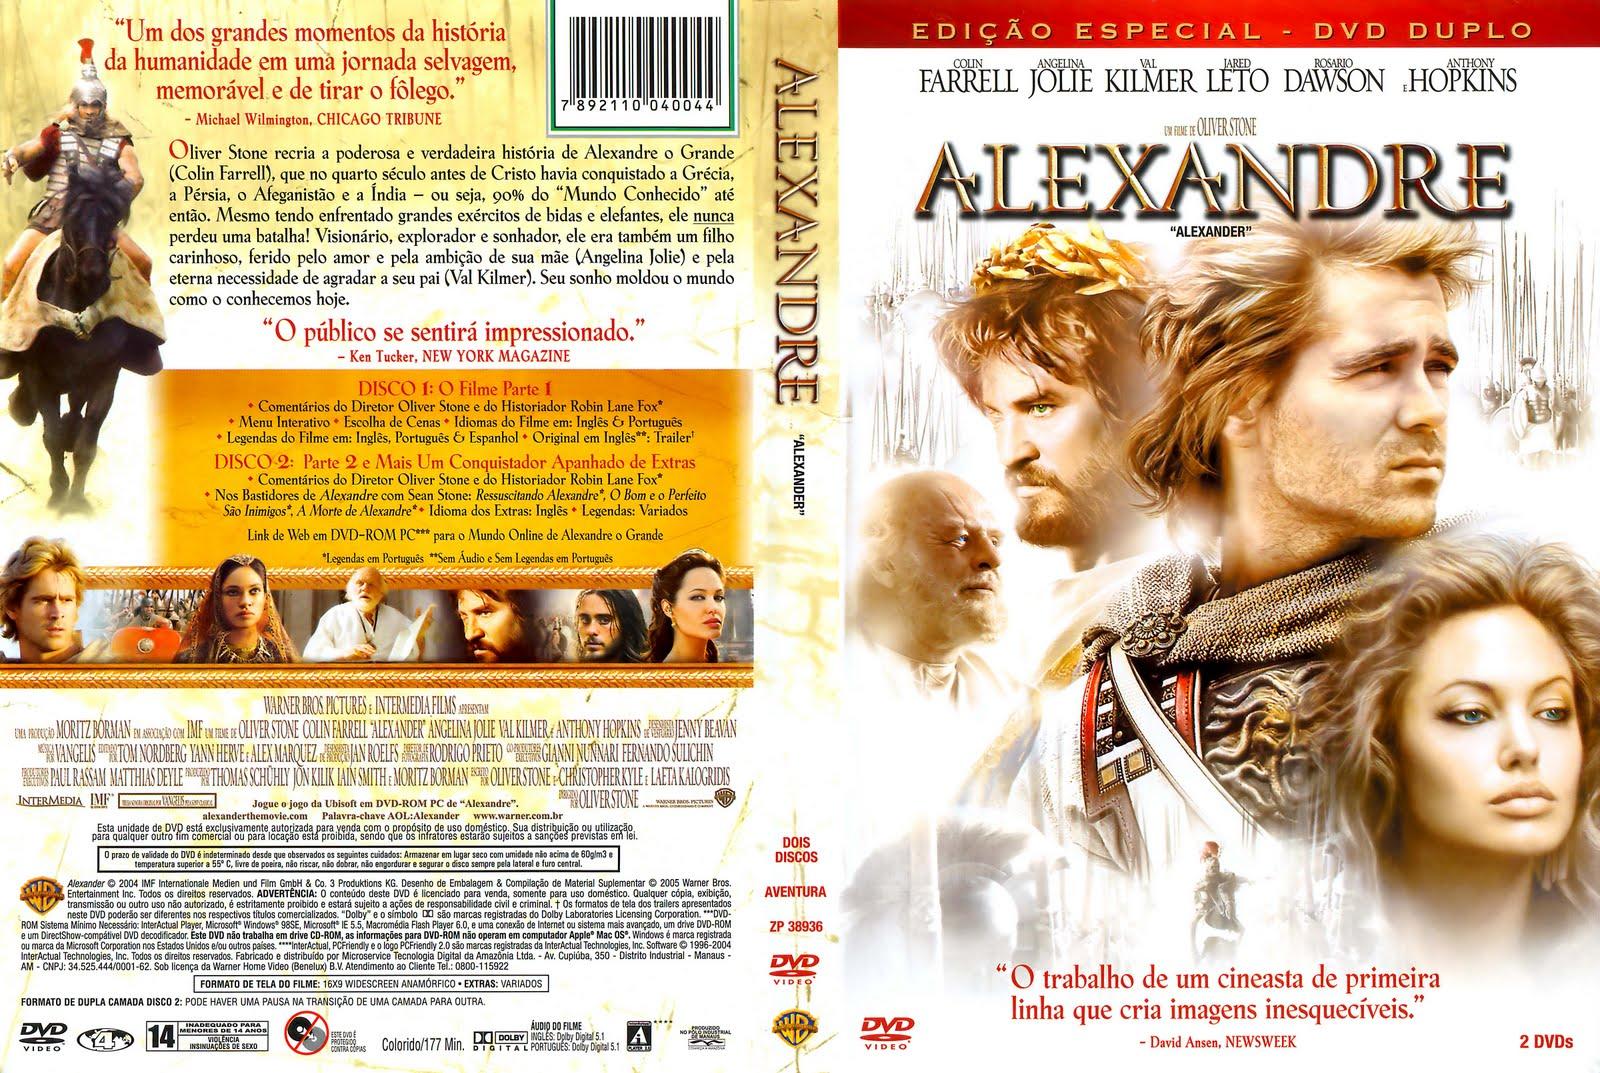 http://2.bp.blogspot.com/-6j6Dn8zgi6E/UH9rvFxD4FI/AAAAAAAAADQ/piNS5TdqolE/s1600/alexandre-.jpg